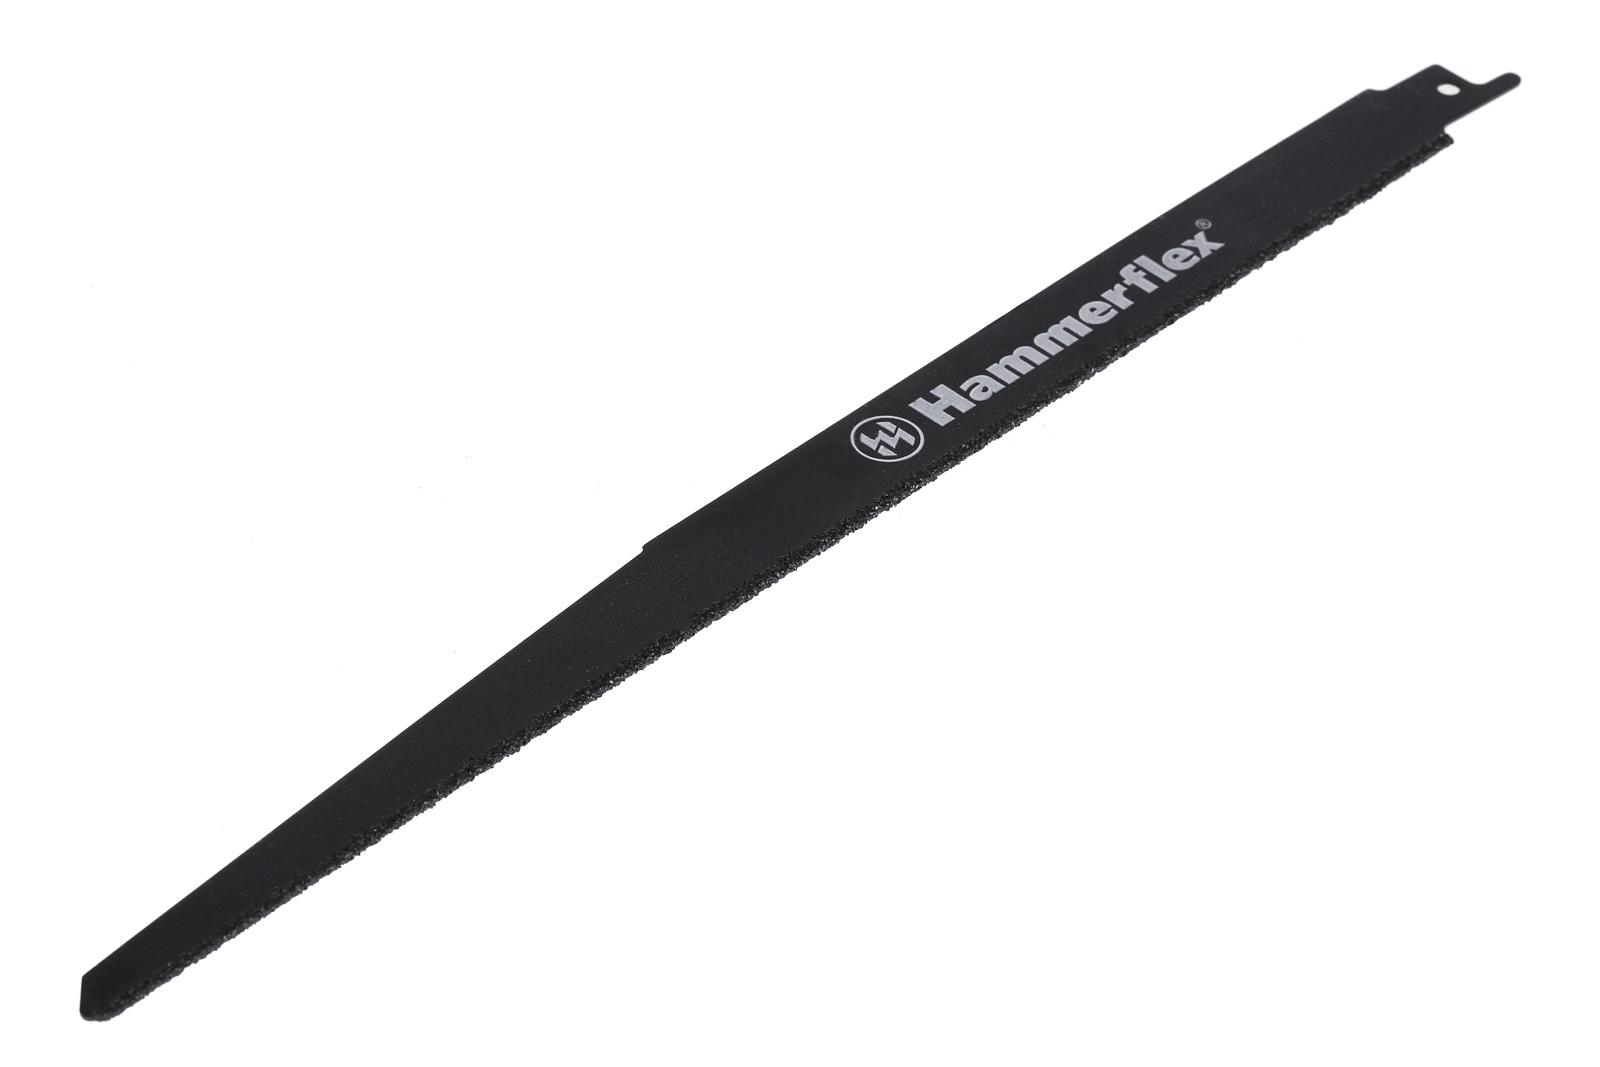 Полотно для сабельной пилы Hammer 225-201 rs bl 201 305х25,4х1.60 мм rg512 g50861 201